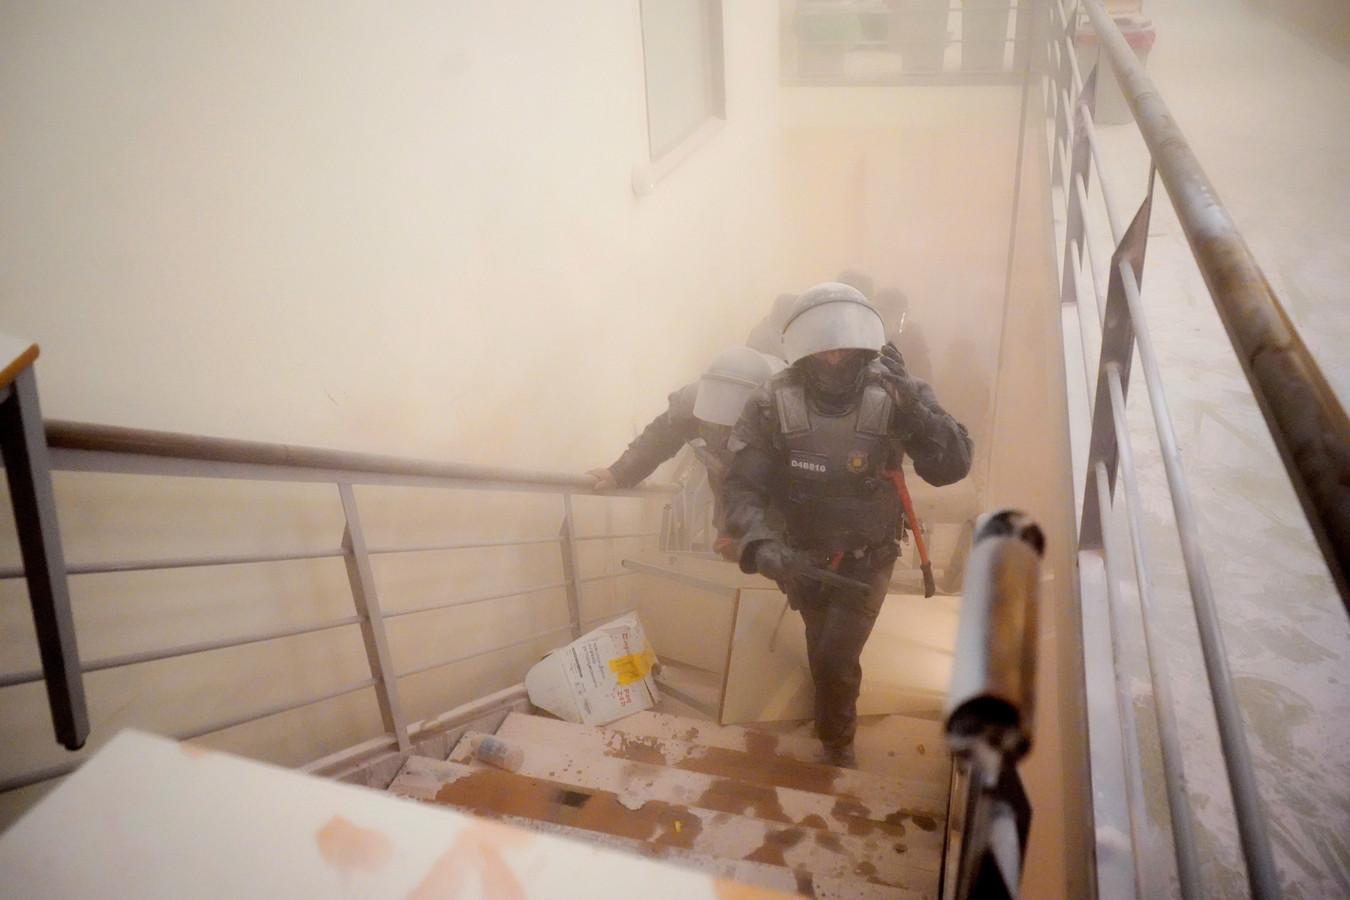 Fans van Hasel spoten brandblusapparaten leeg om de ordetroepen tegen te houden.